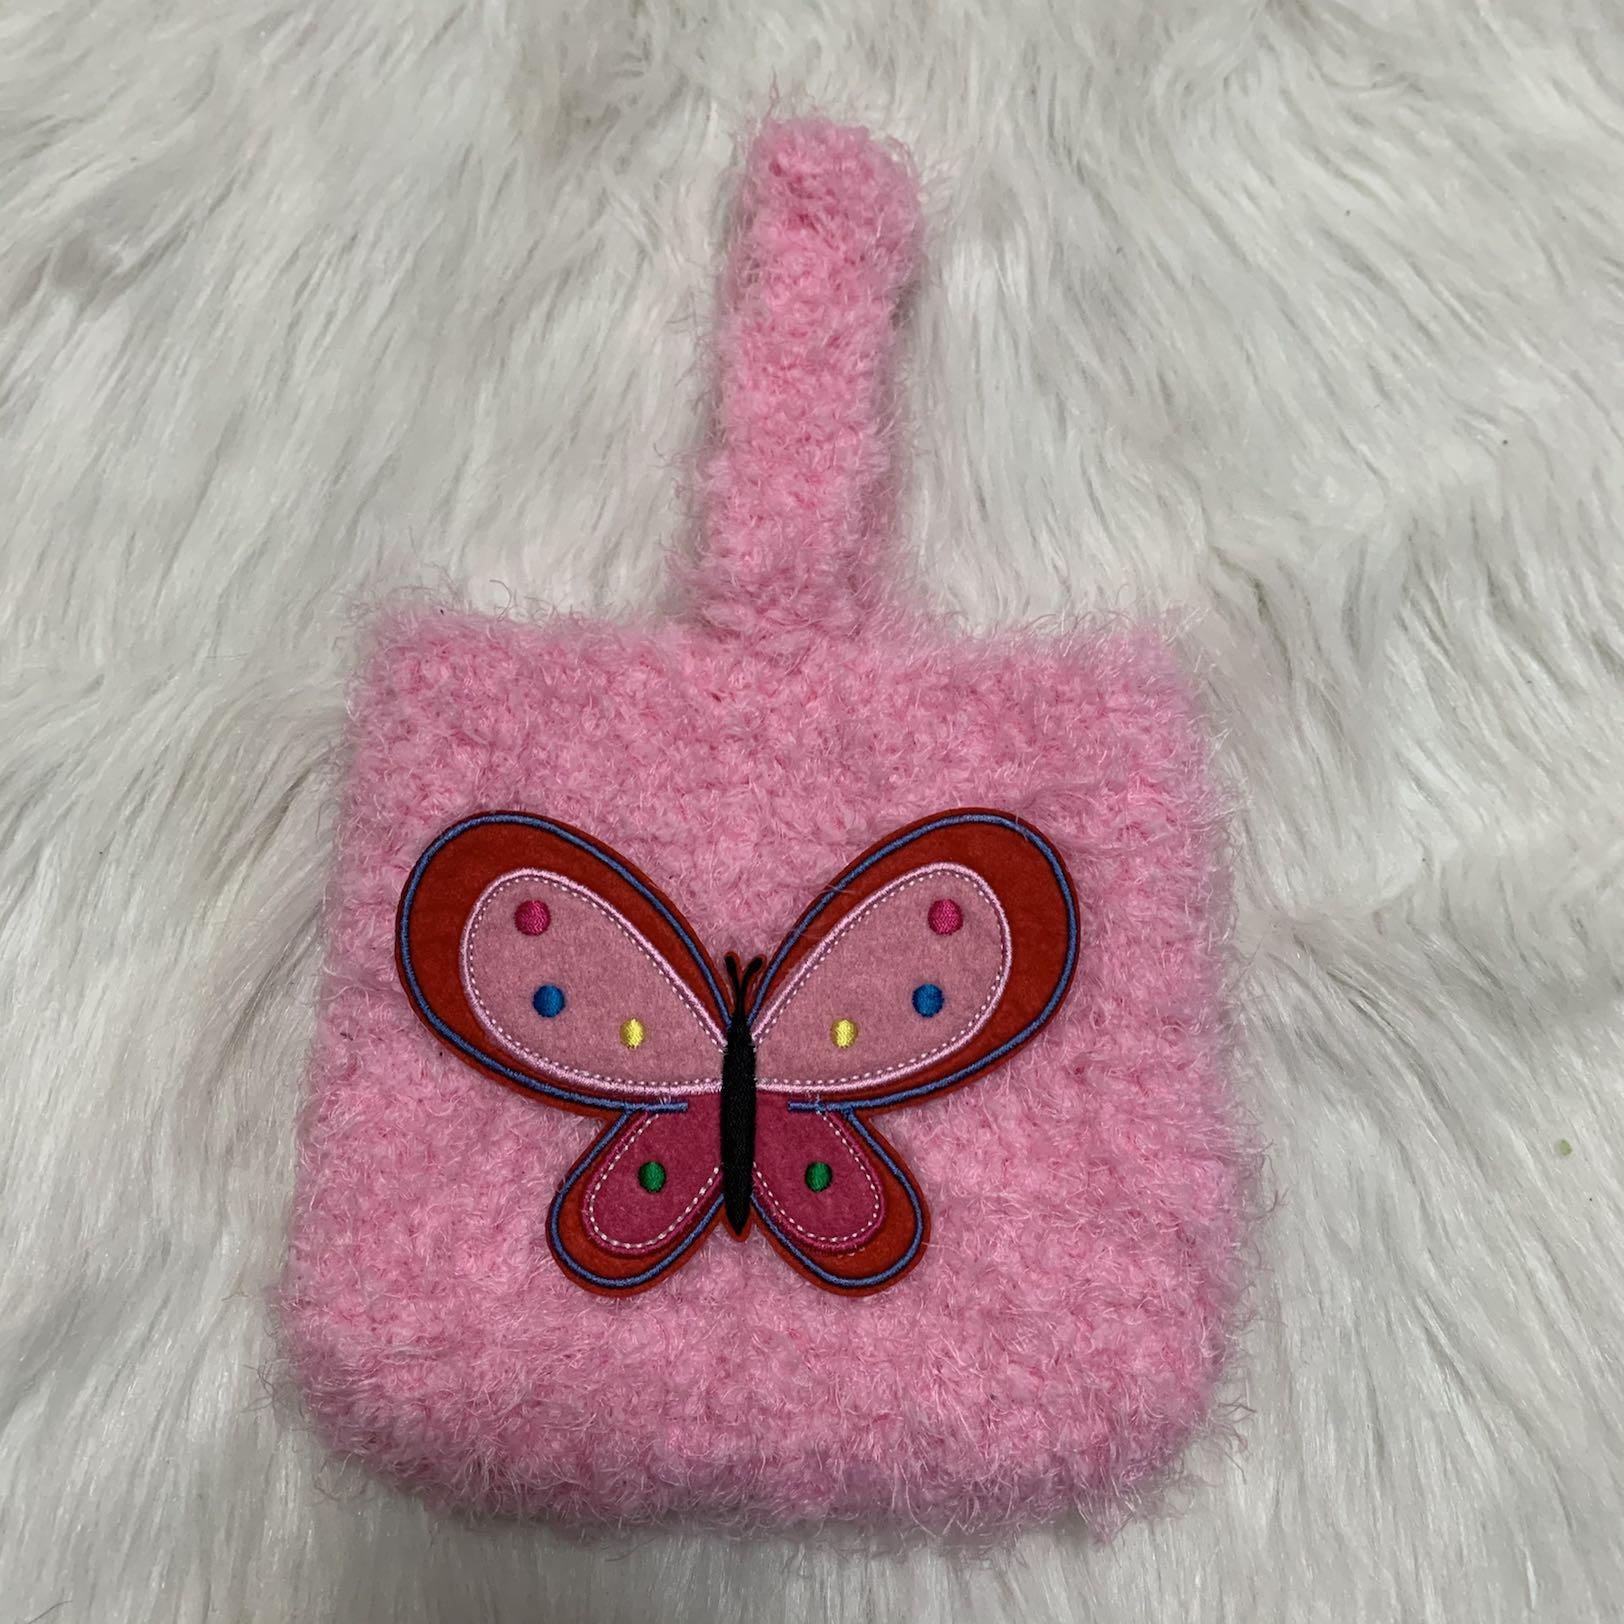 粉红色手拿包 原创自制土酷蹦迪可爱蝴蝶粉红色手拿包手拎包可爱柔软编织包_推荐淘宝好看的粉红色手拿包